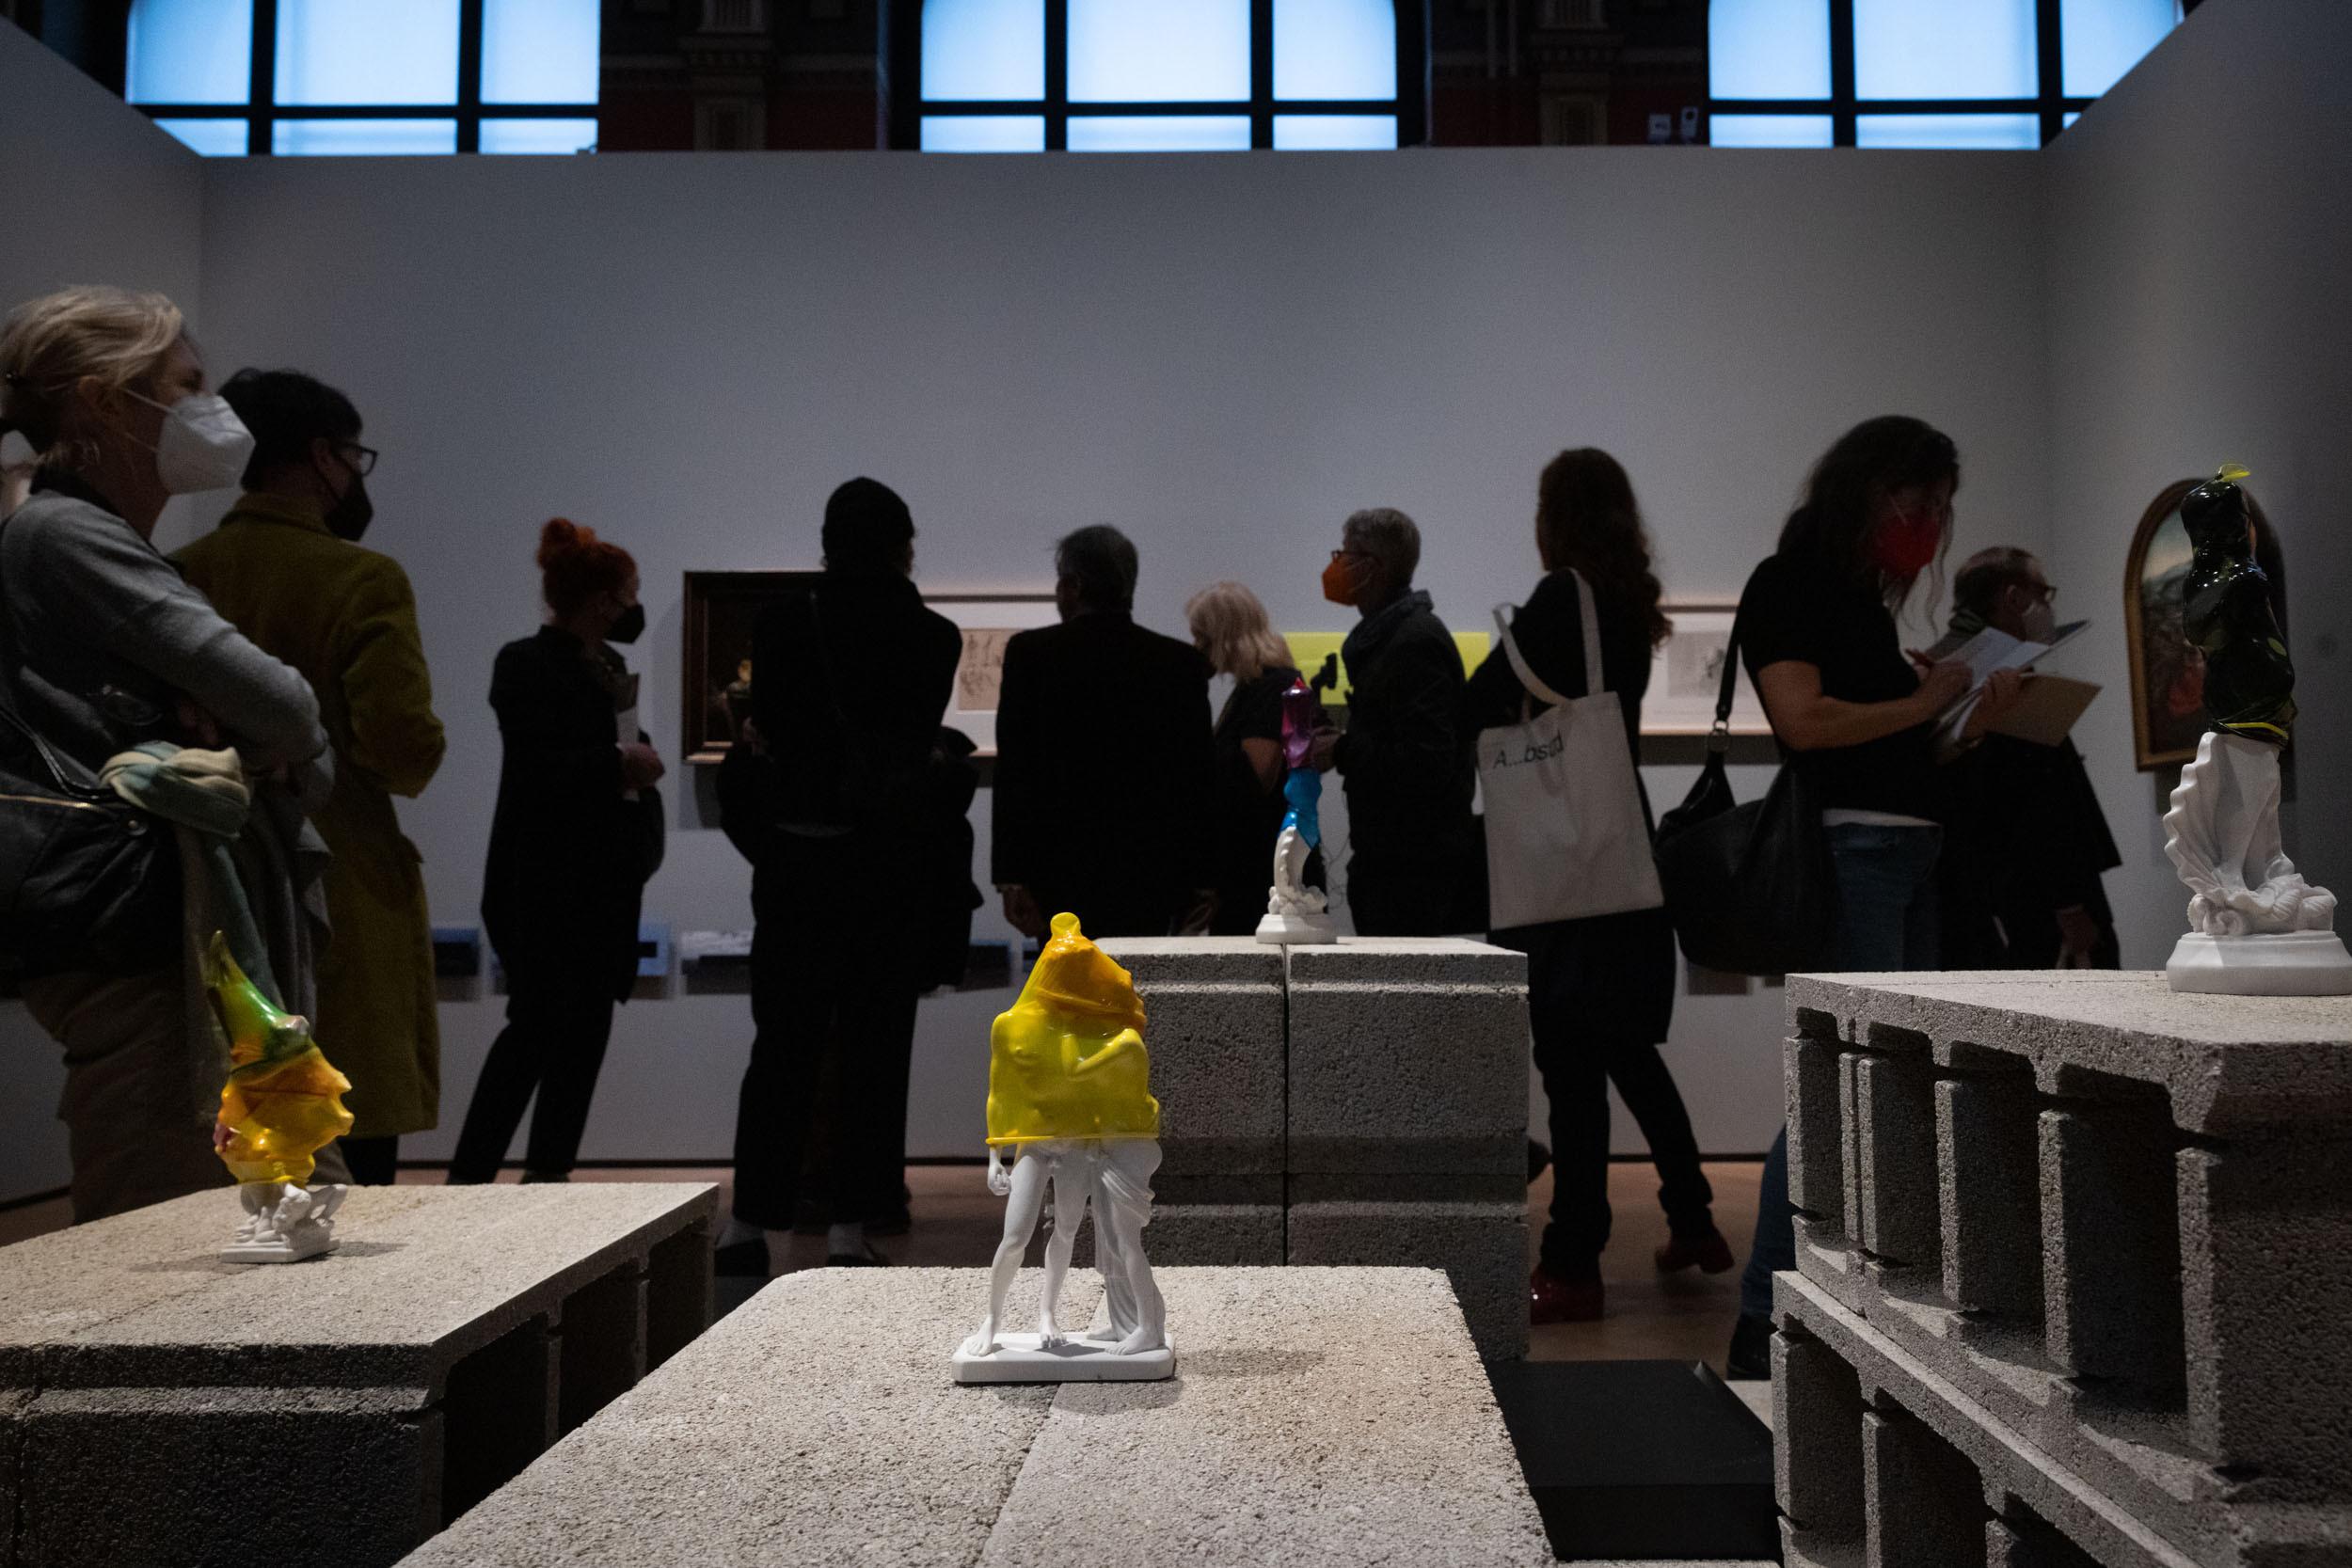 eSeL Foto: Hungry for Time - Raqs Media Collective (Gemäldegalerie Akademie der Bildenden Künste Wien, 09.10.2021 - 30.01.2022, Presseführung)